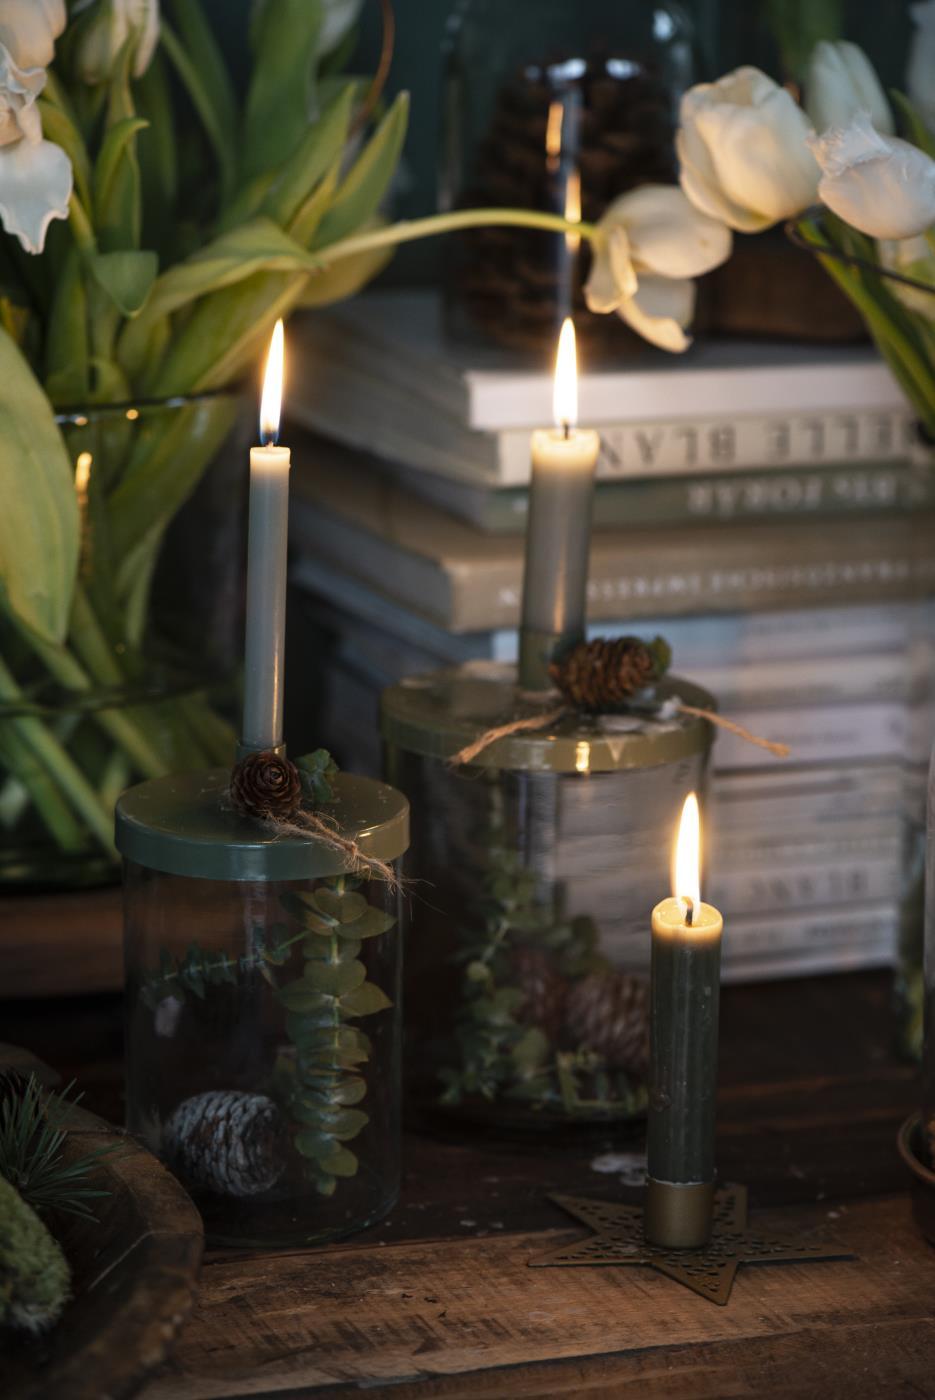 Kerzenhalter mit Metalldeckel für Stabkerze